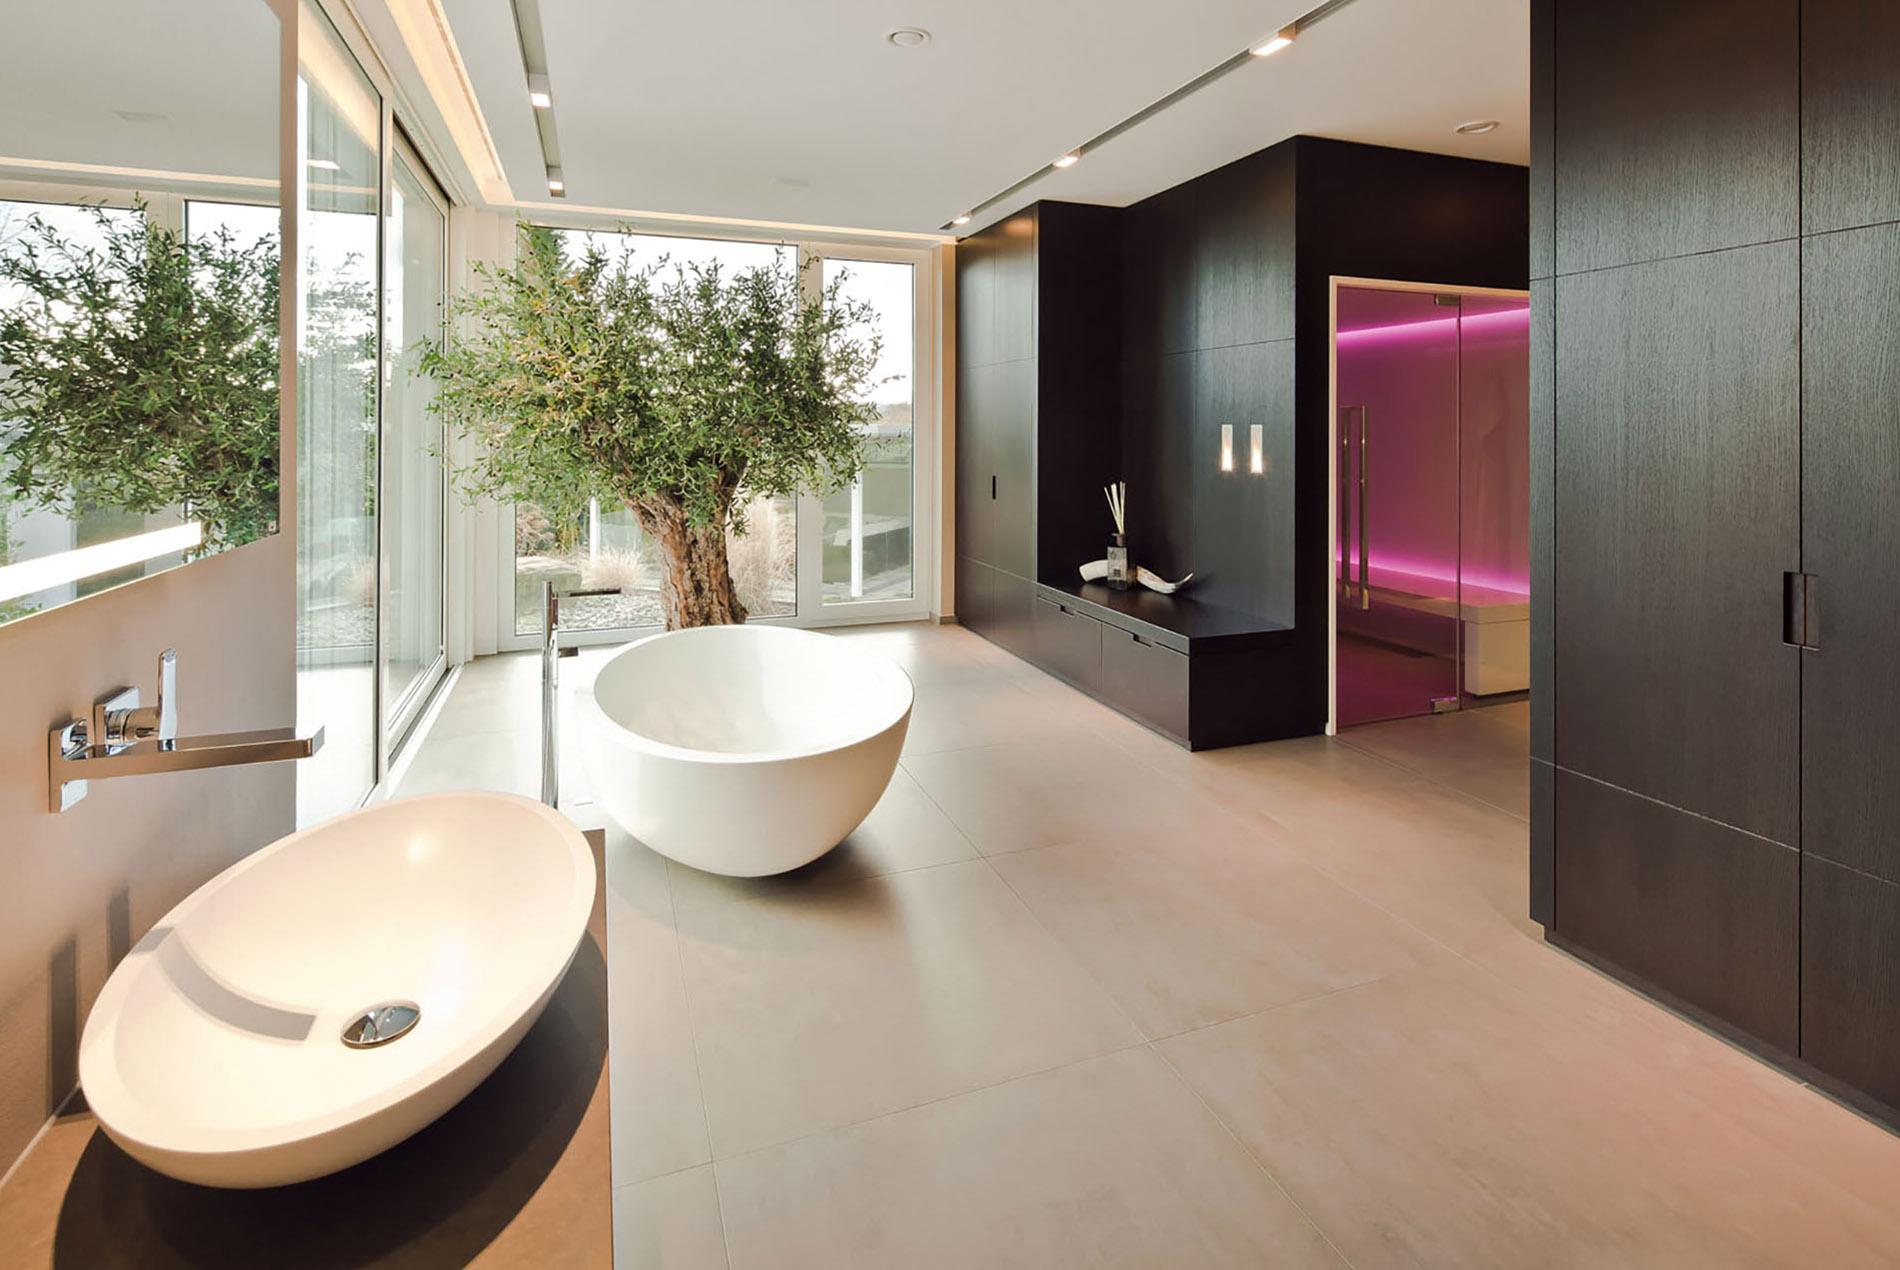 Sauna Im Badezimmer Mit Freistehender Badewanne Tischlerei Schopker